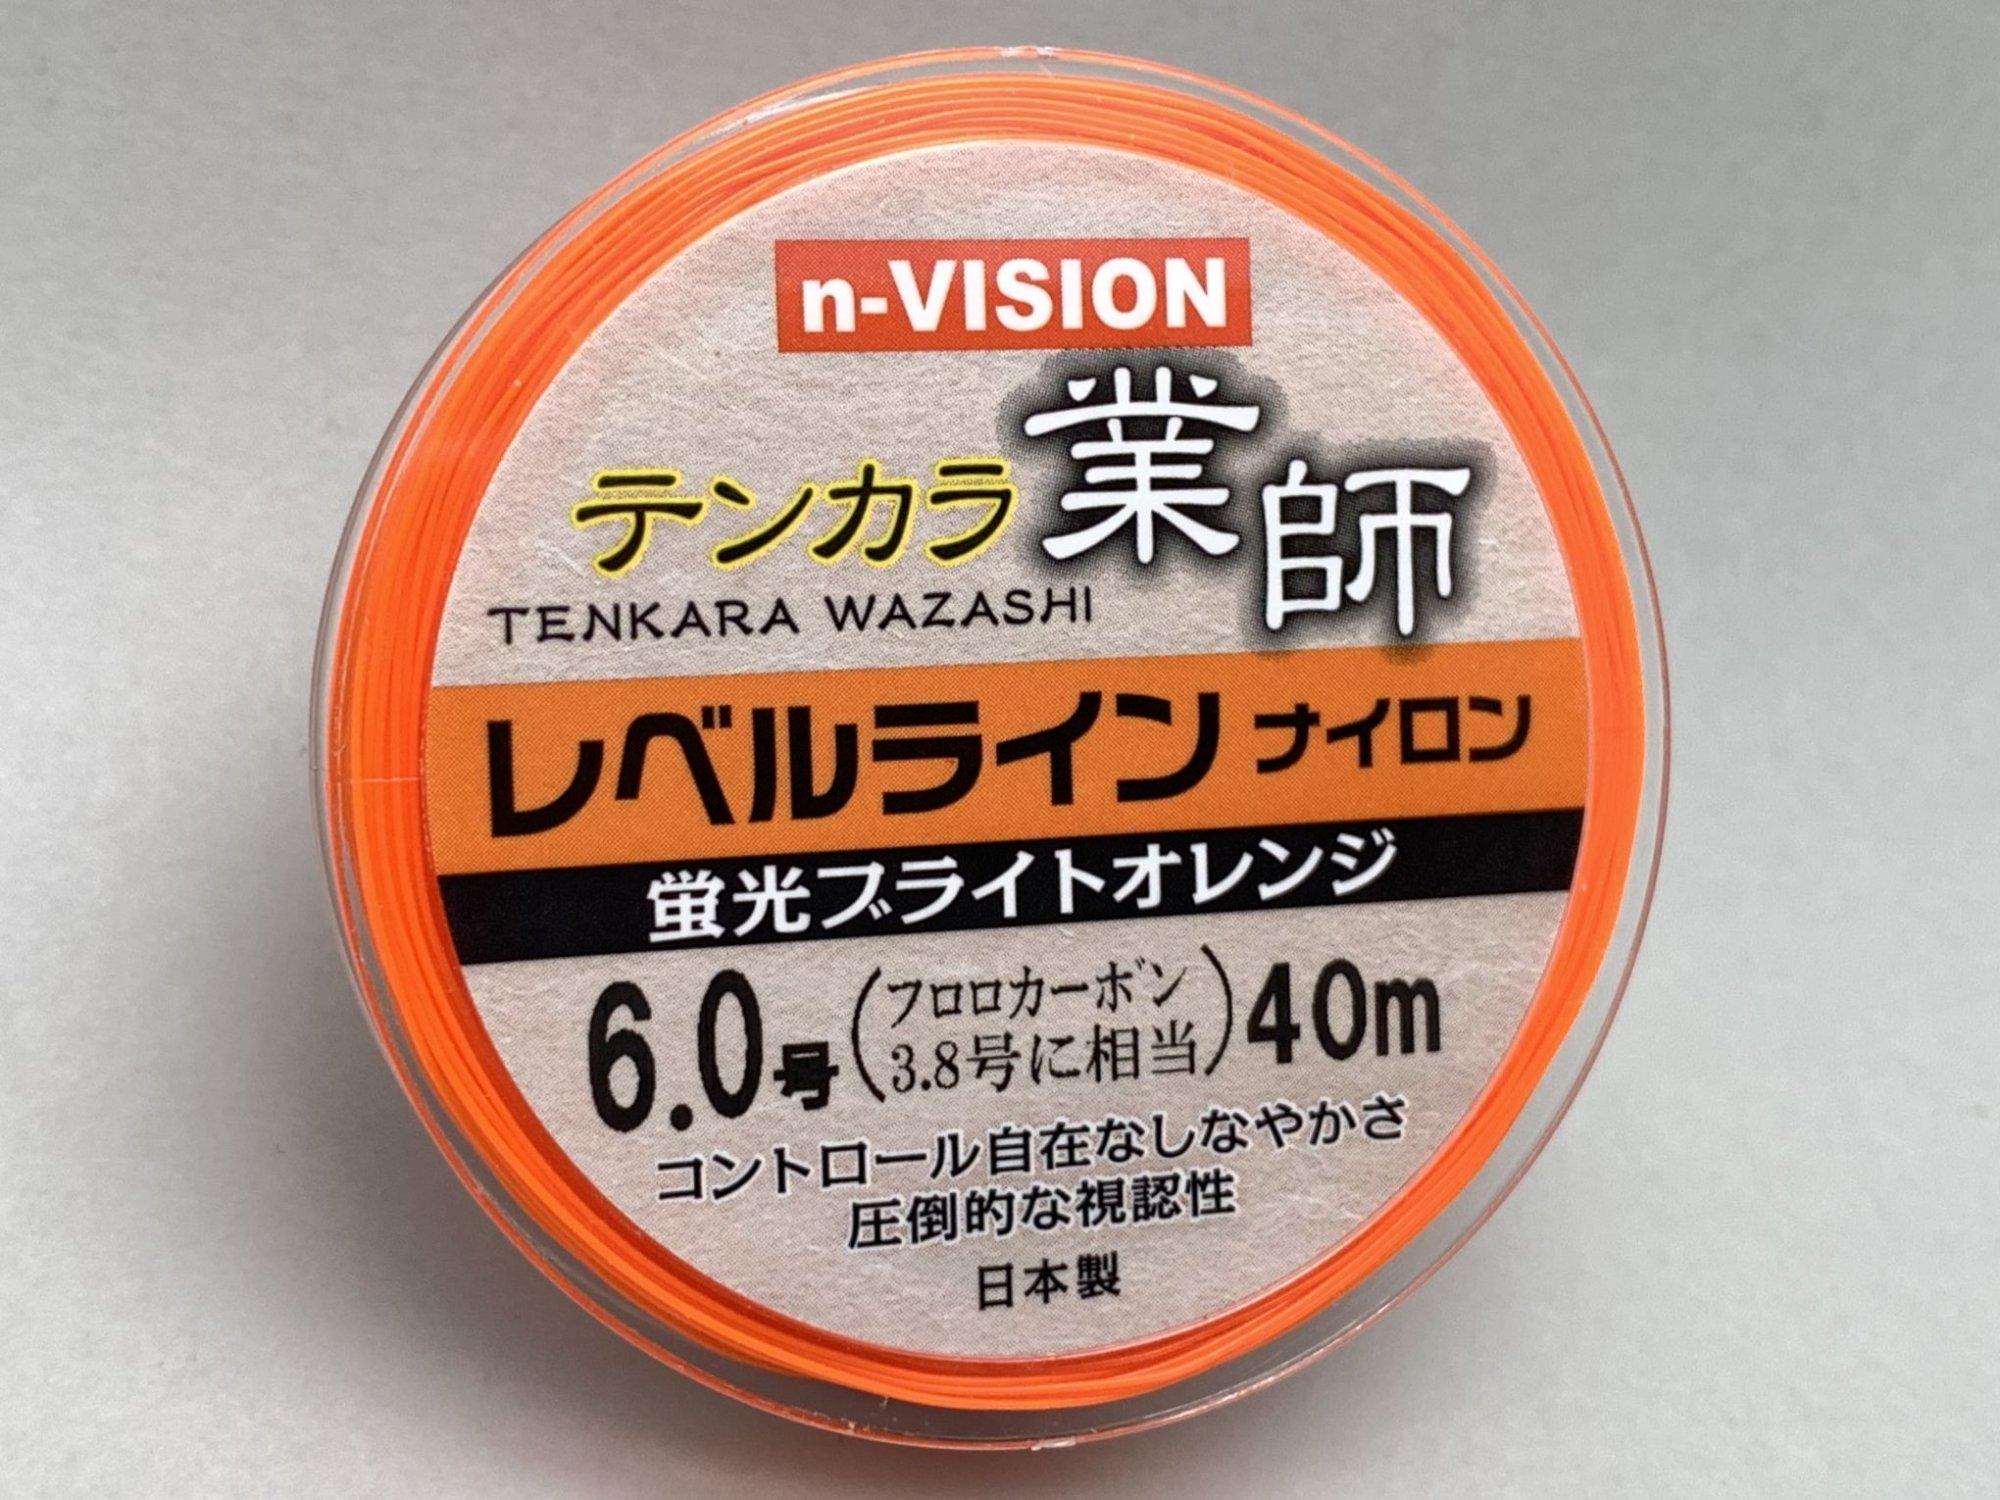 テンカラライン・ハリス 仕掛セット-n-VISION 超視認性 テンカラレベルライン・リーダーシステム 3点セット [オレンジ6号]